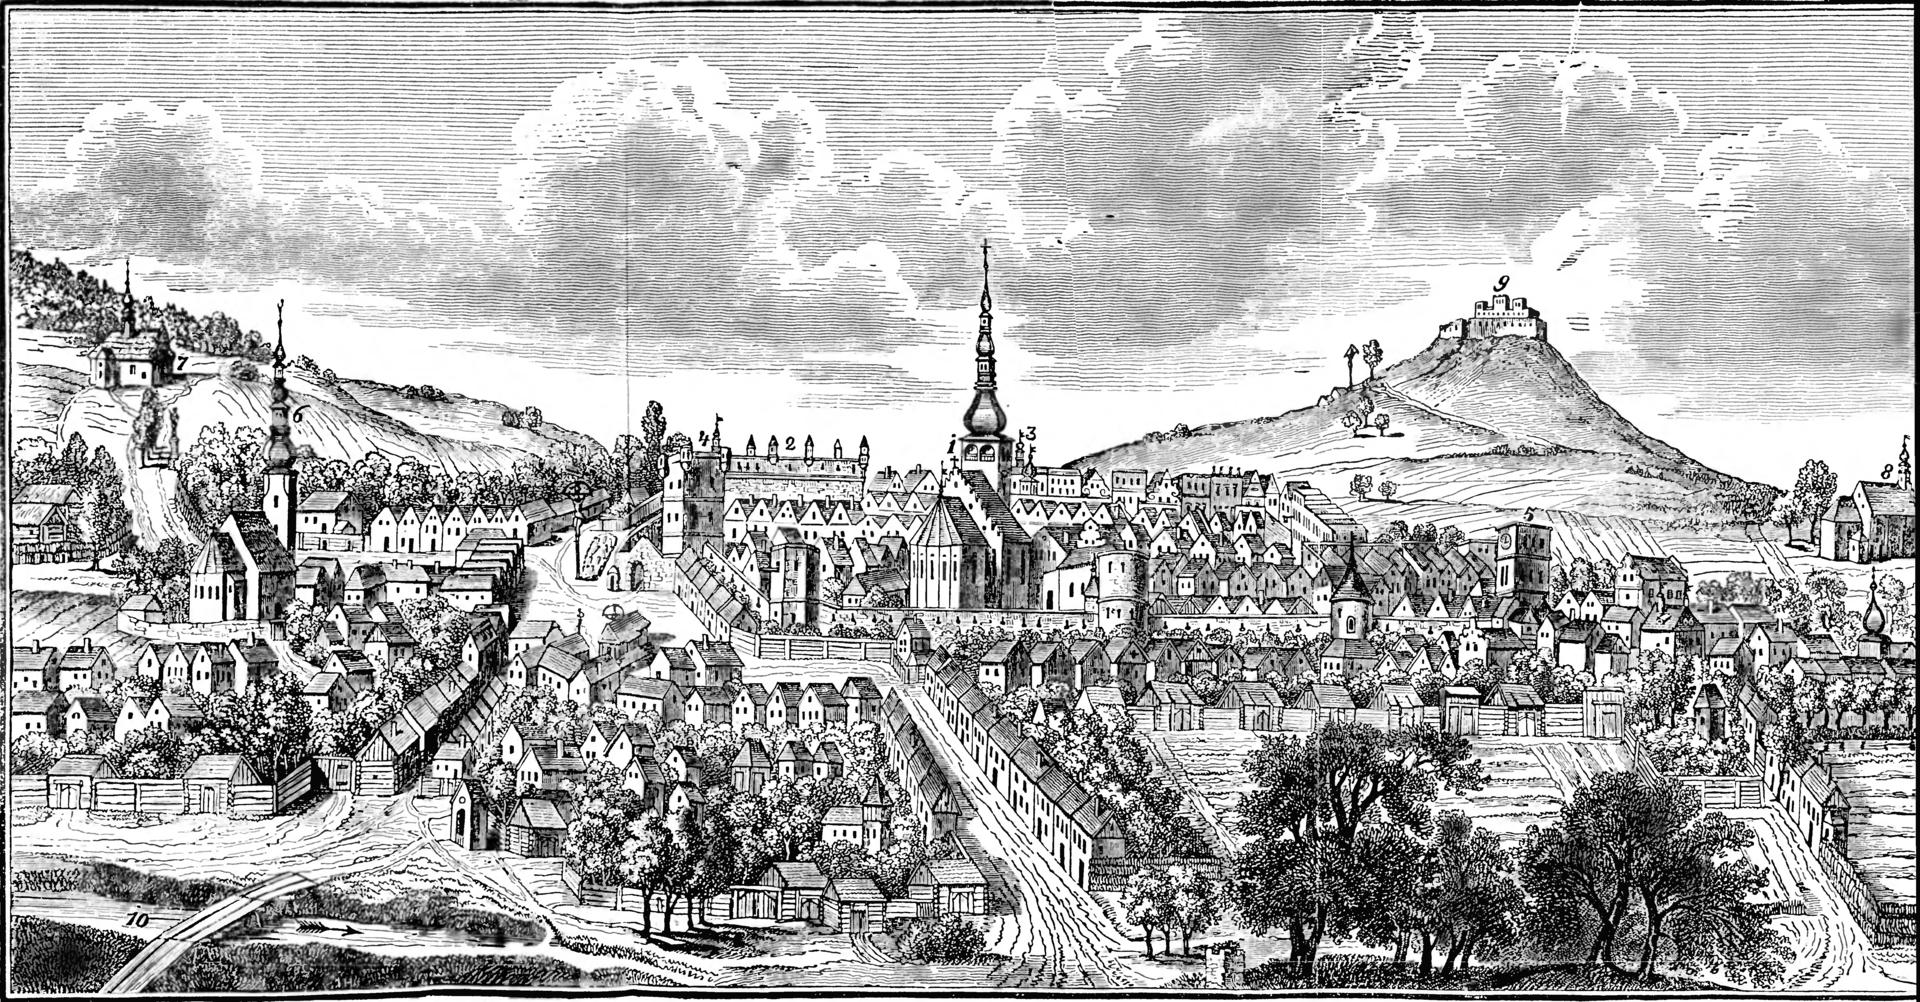 Josef Beck - Geschichte der Stadt Neutitschein (Nowý Jičín) und deren Umgebung - 1854 - Image on 240a page.png